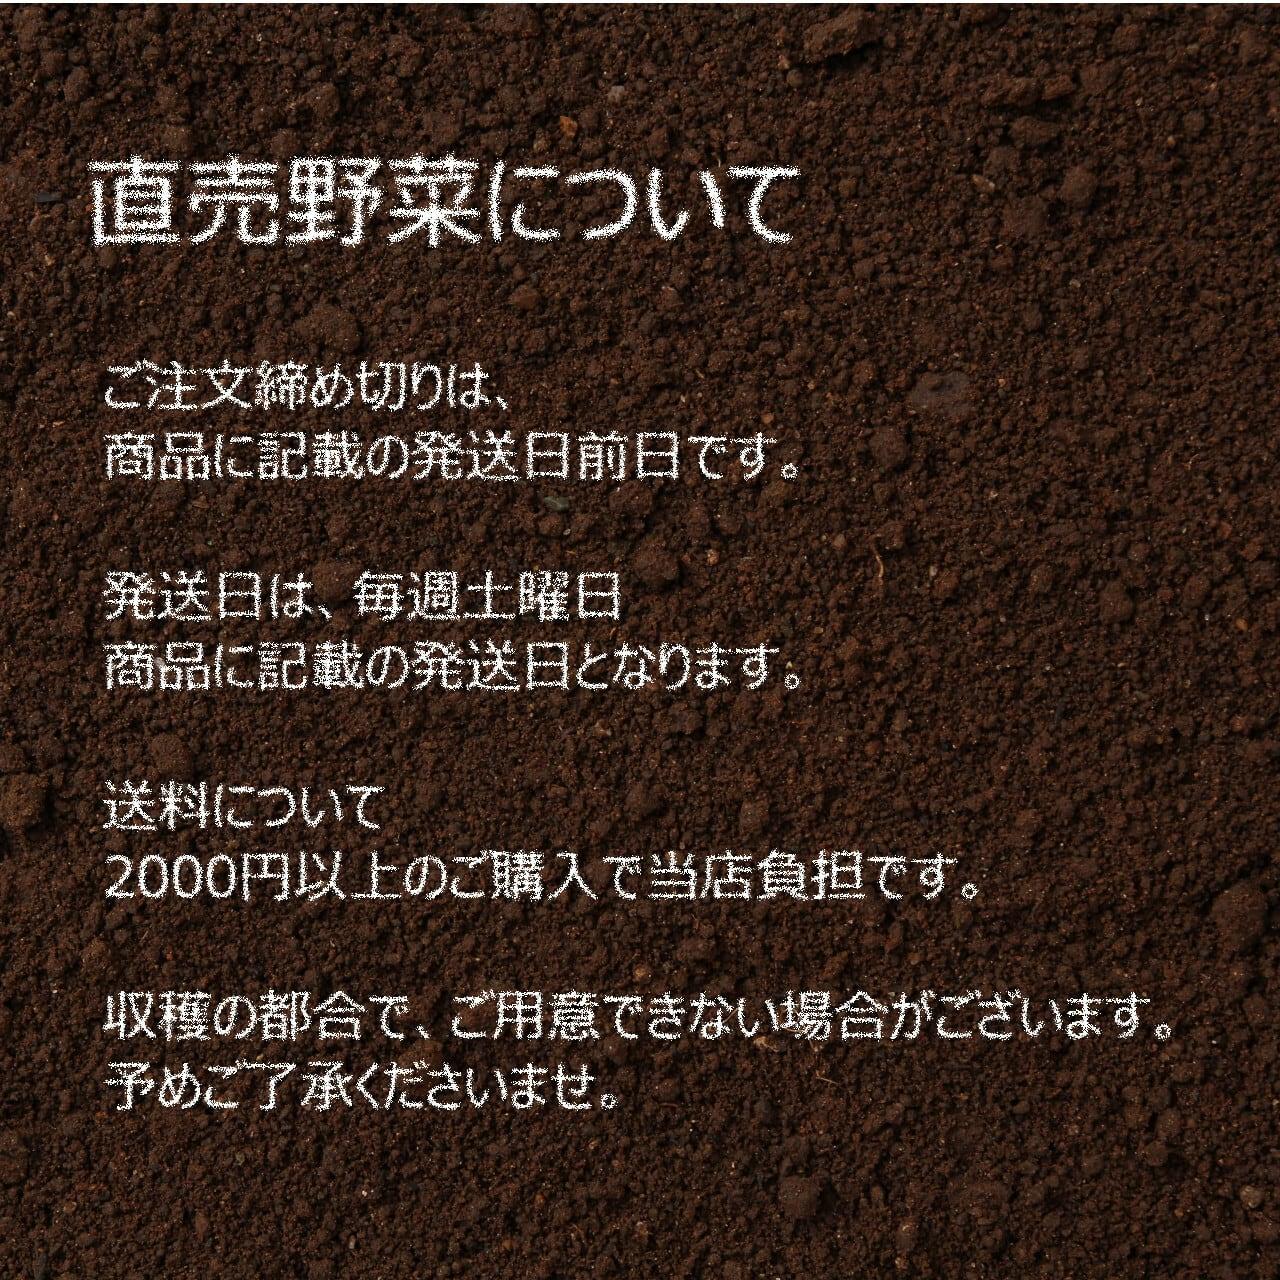 新鮮な秋野菜 : つるむらさき 約200g 9月の朝採り直売野菜 9月5日発送予定